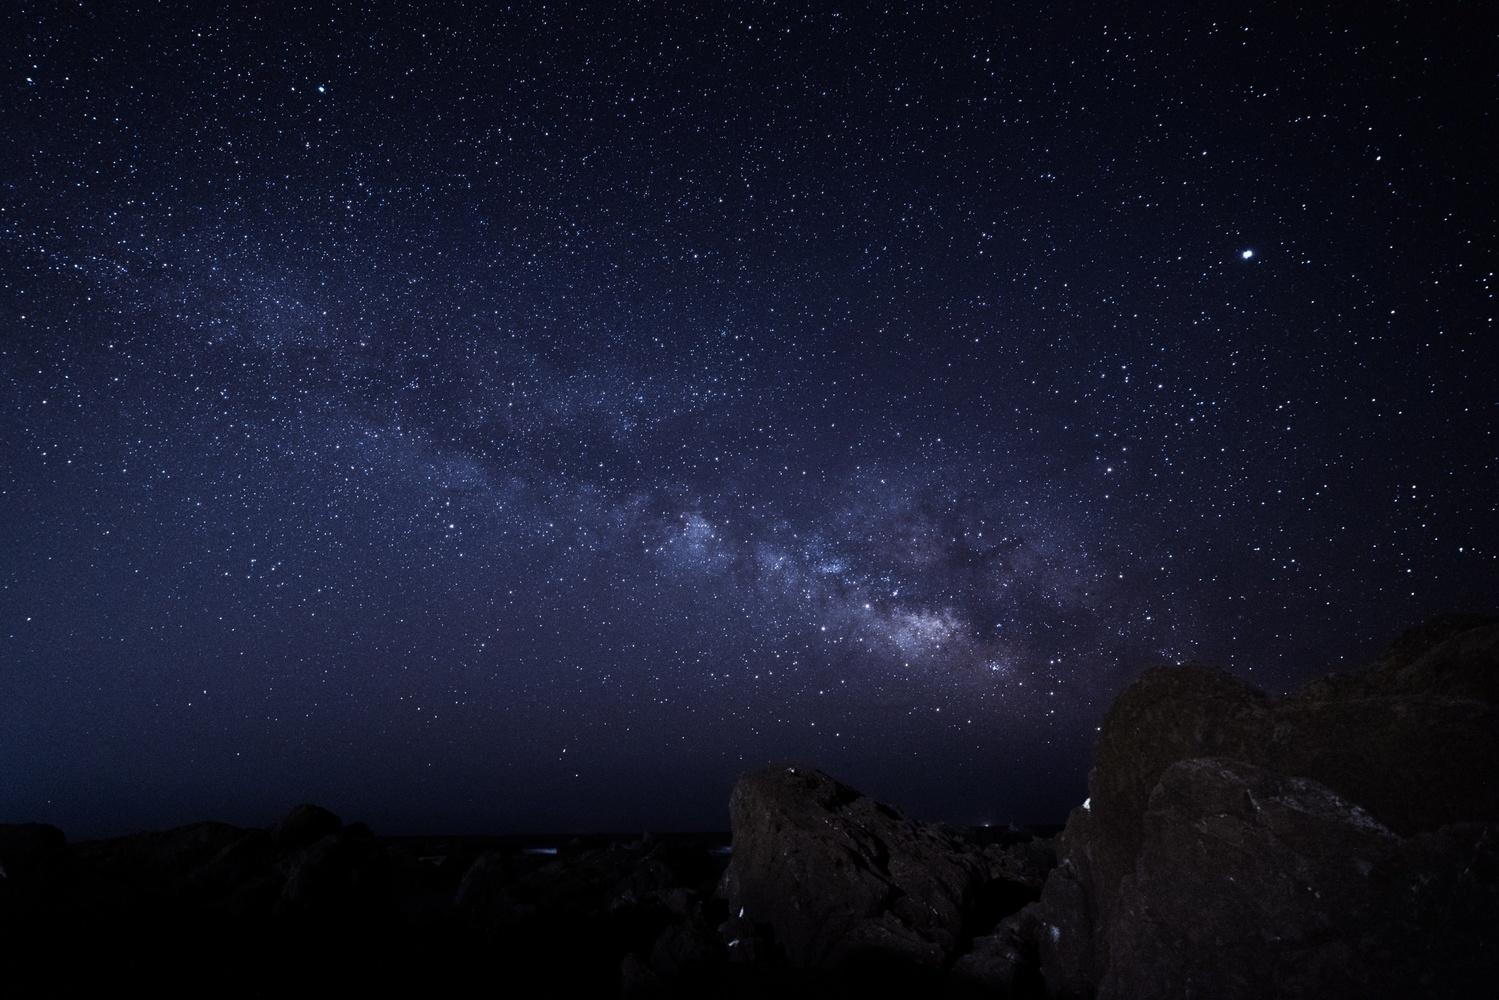 Galaxy by Masataka Inada